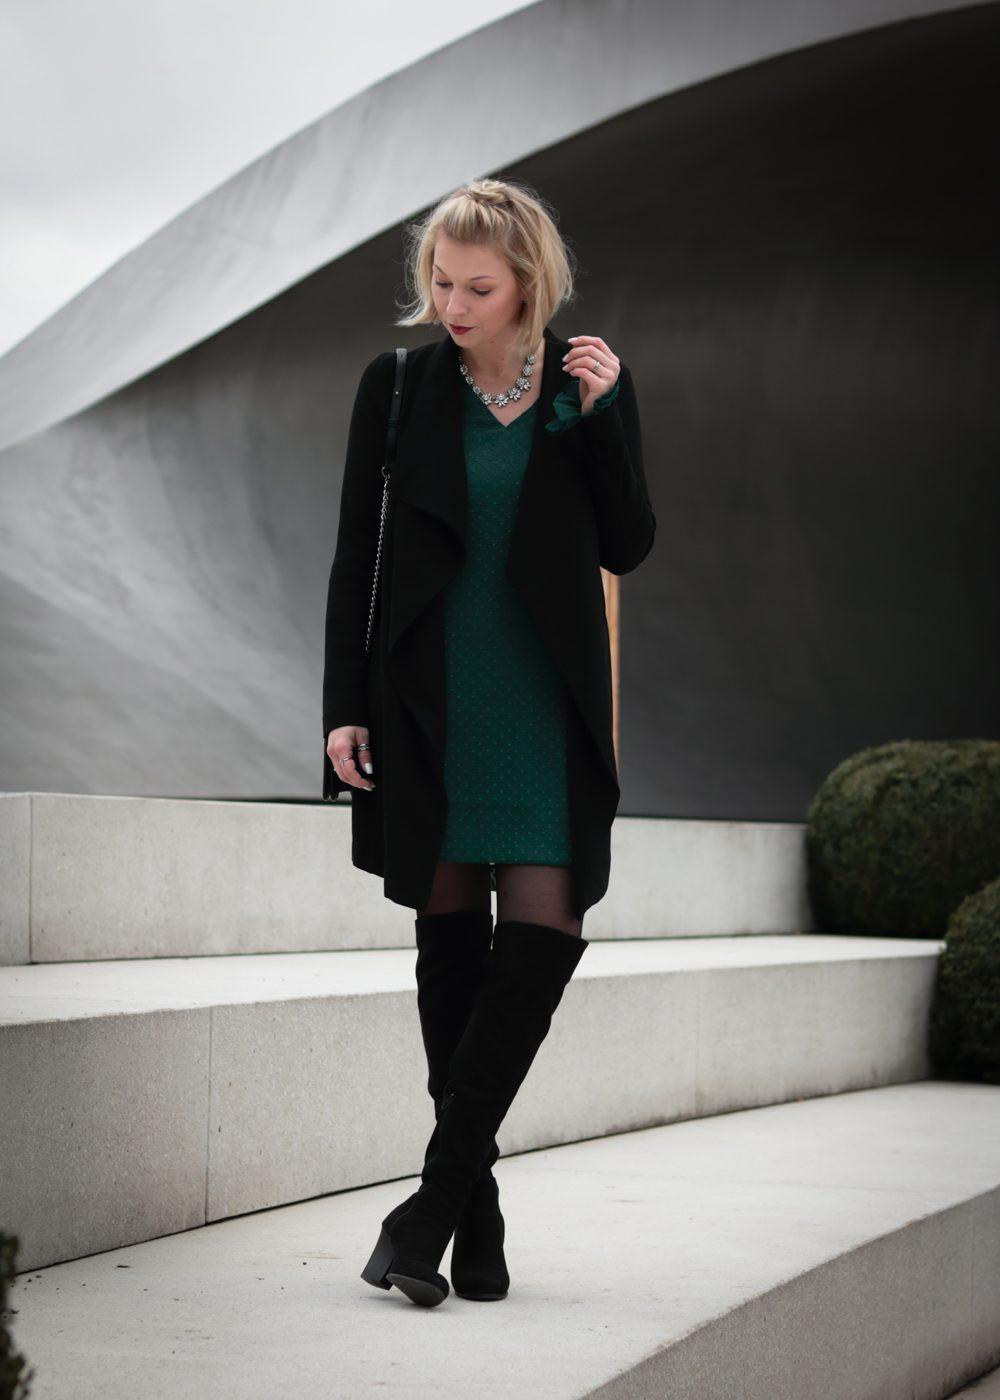 Mein Outfit für Weihnachten - Overknees zum Kleid - Lavie Deboite